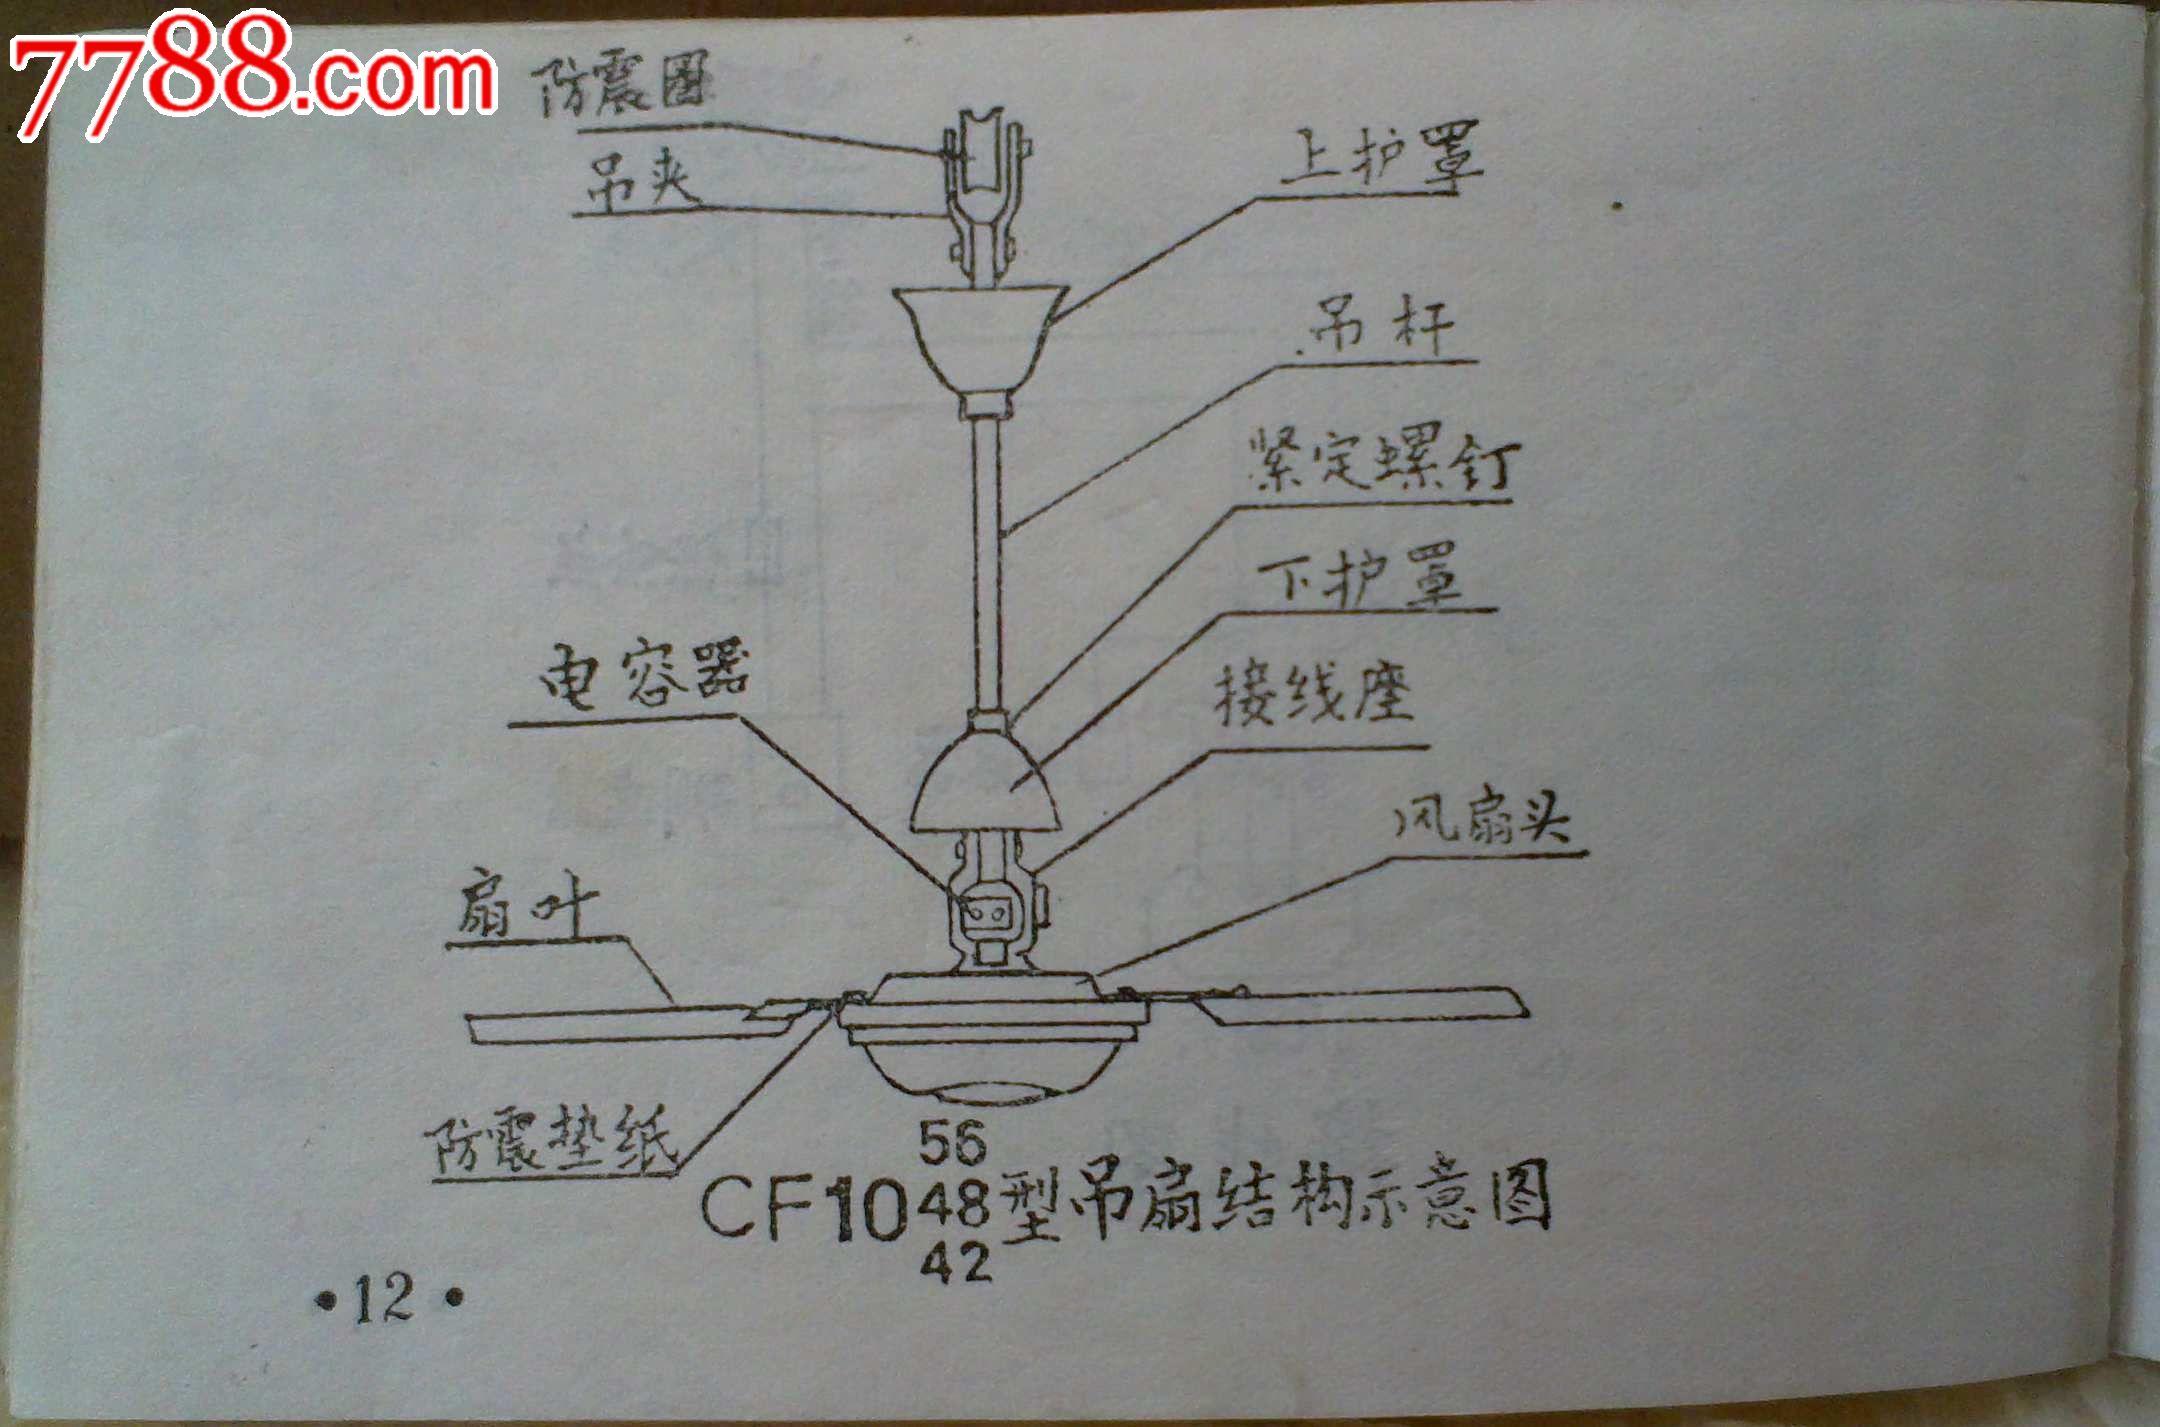 飞行牌交流电容式吊风扇使用说明书(hh:119.3)